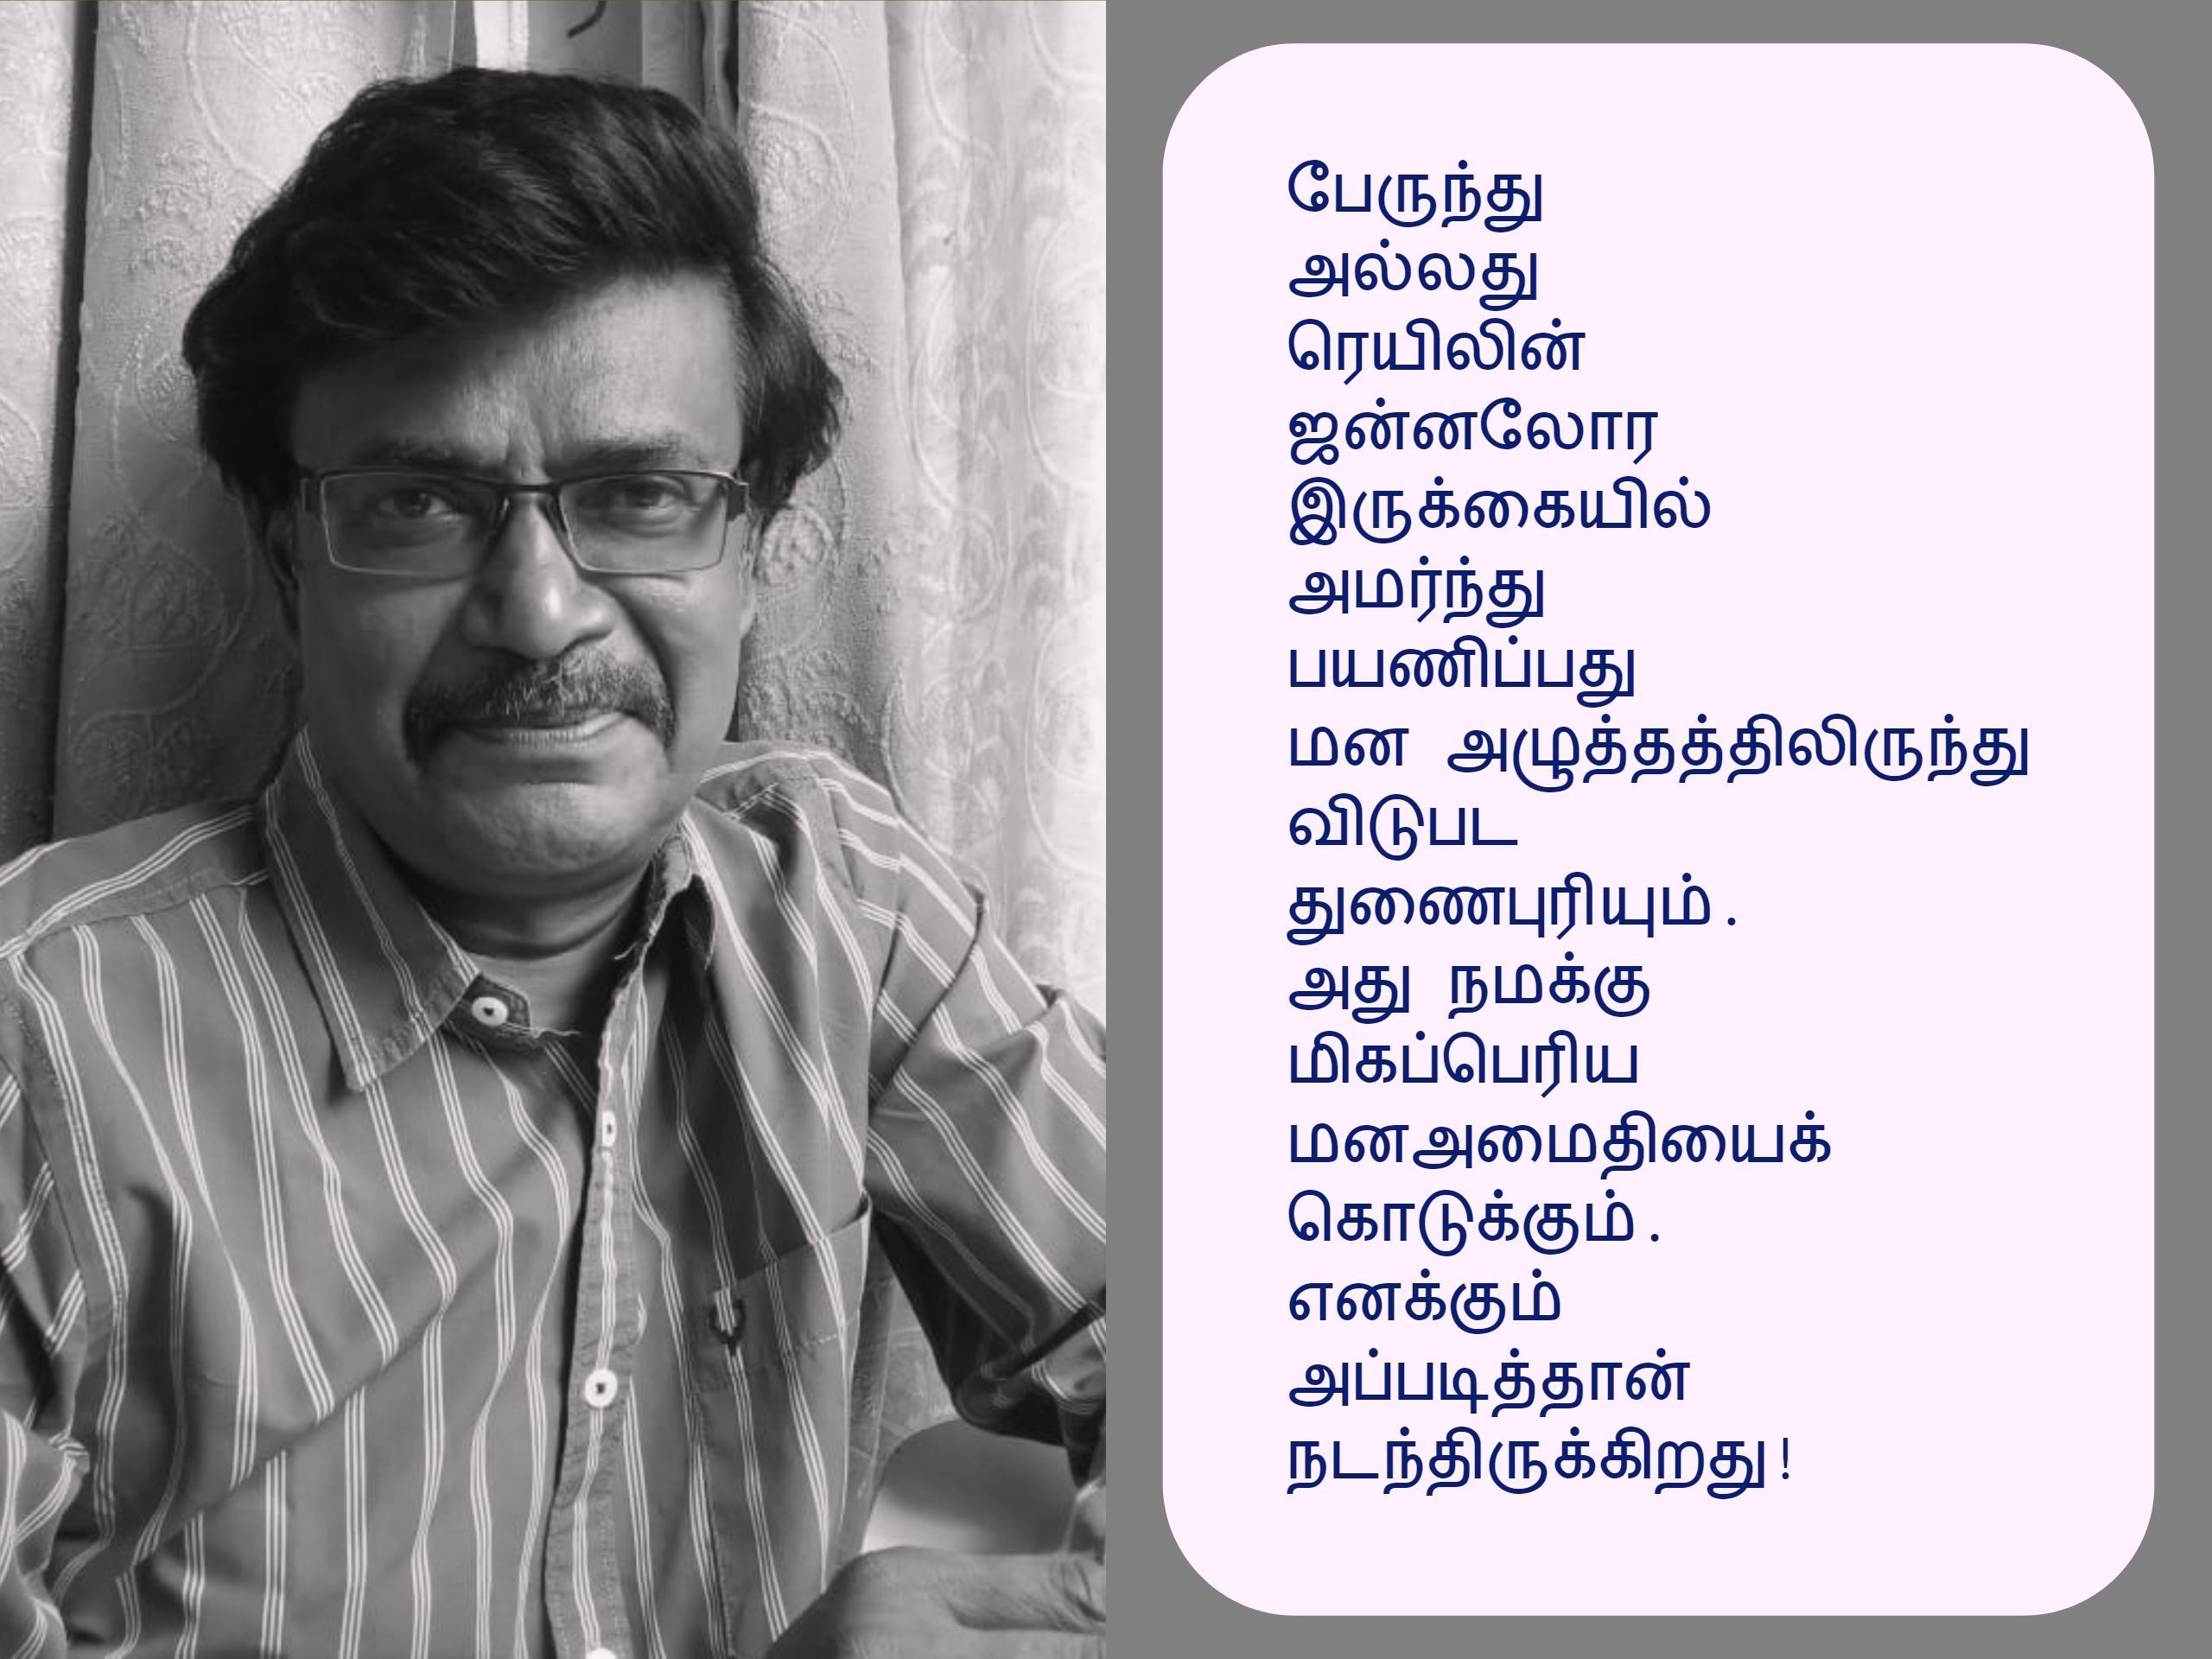 எழுத்தாளர் பாஸ்கர் சக்தி